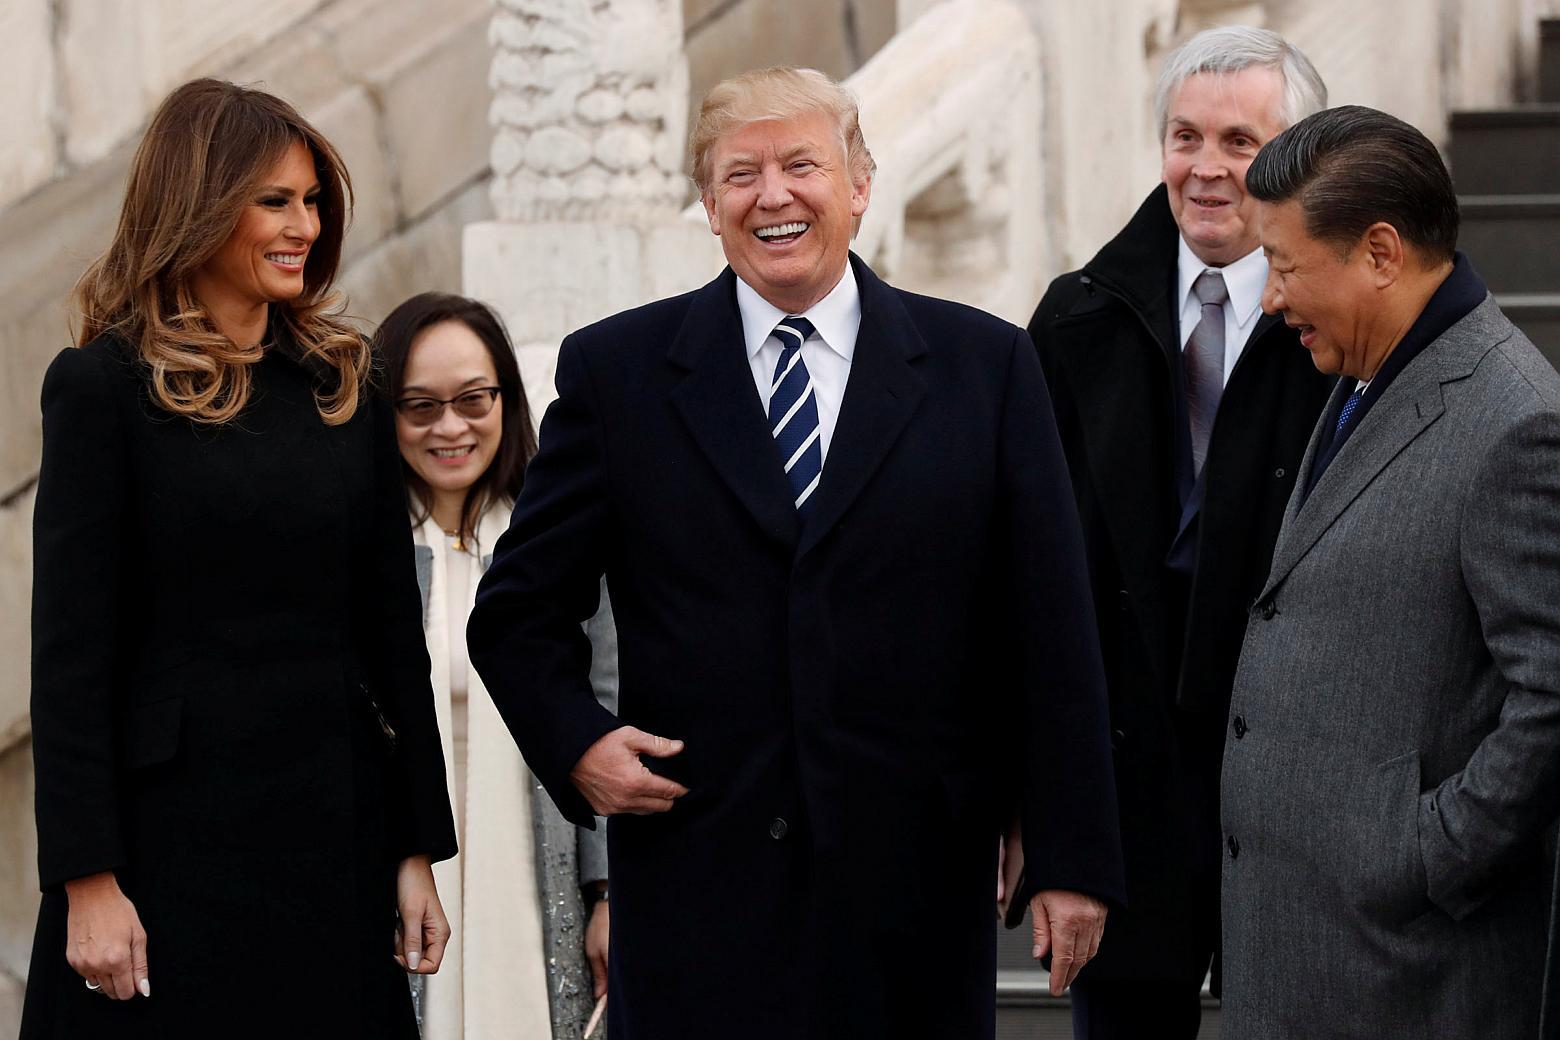 Tạm biệt Donald Trump: Khép lại 4 năm khác biệt trong lịch sử nước Mỹ - Ảnh 20.